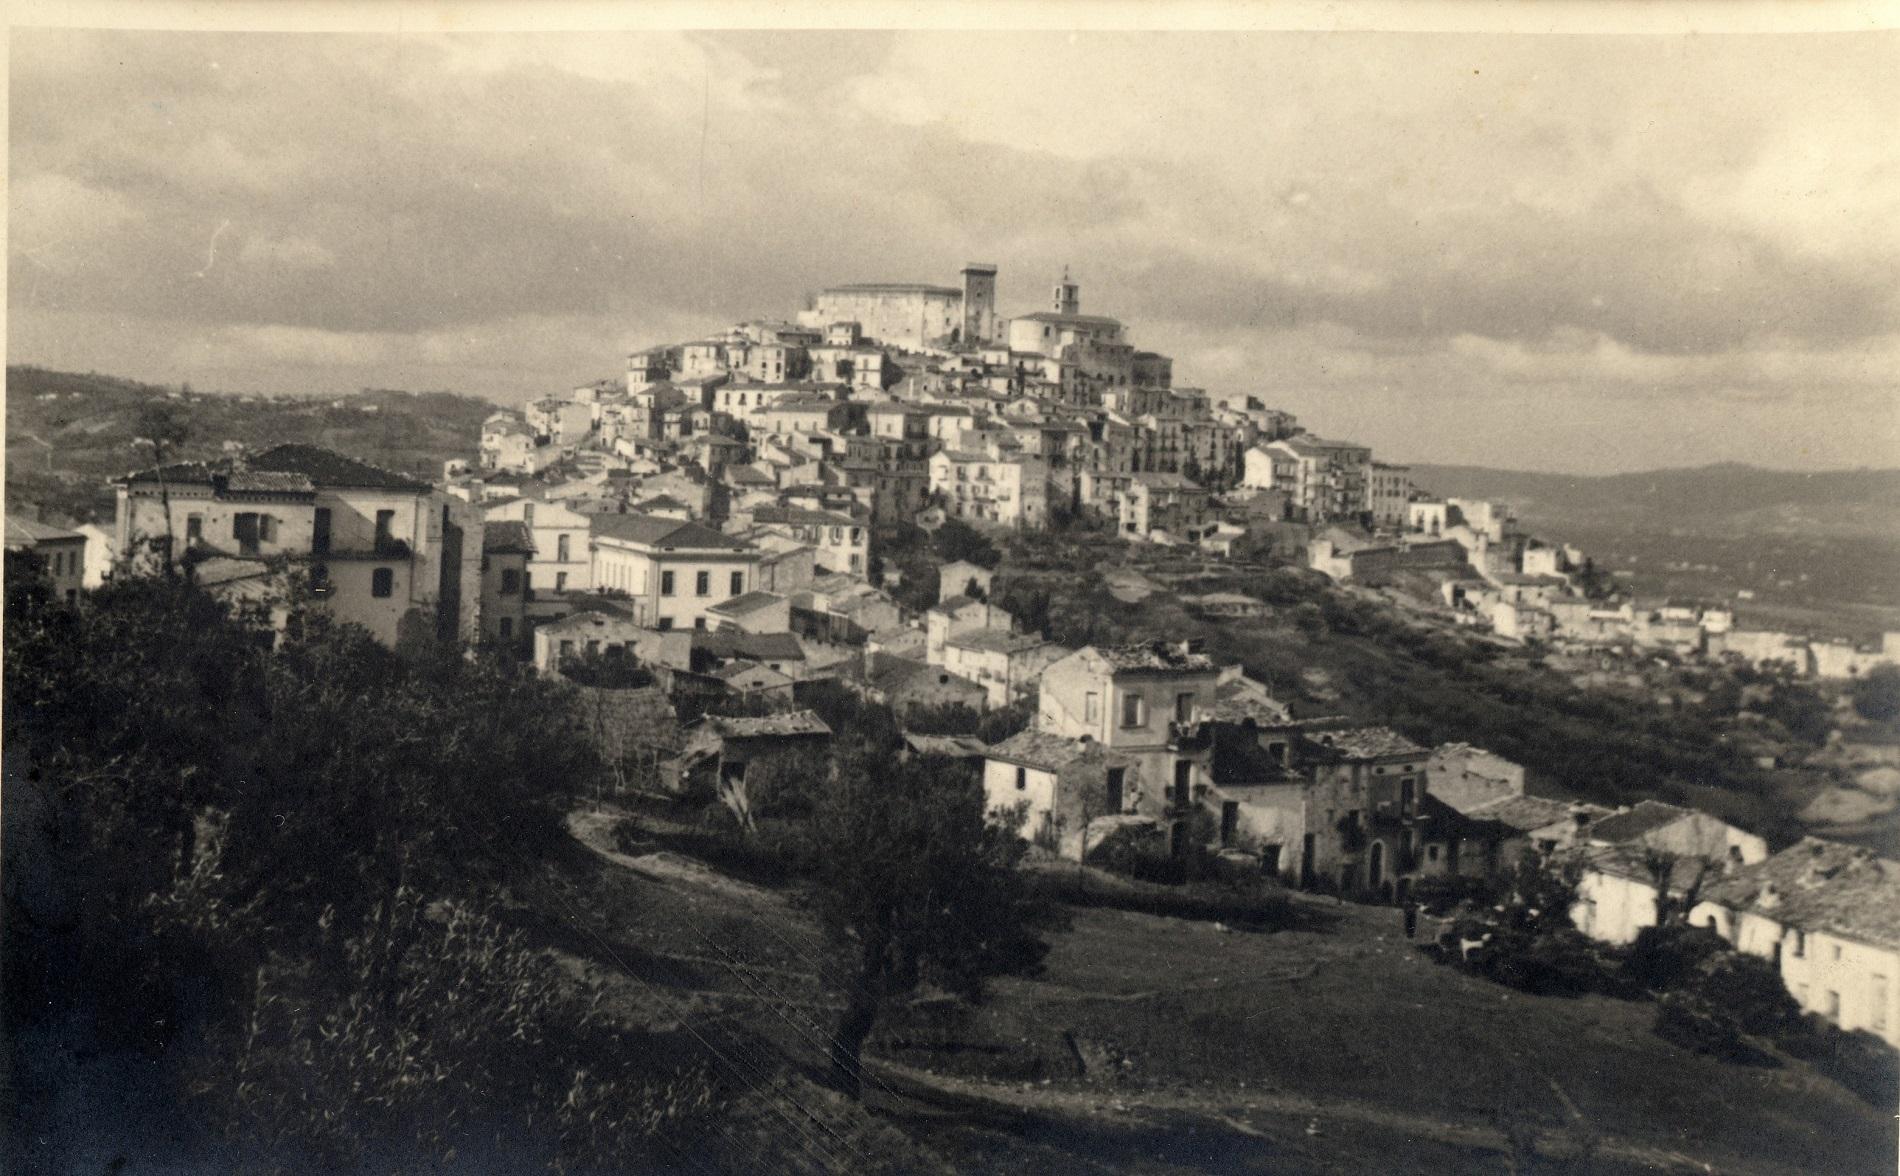 Casoli inizio anni '40. Per gentile concessione dell'Arch. Maria Carmela Ricci (www.casoli.org)